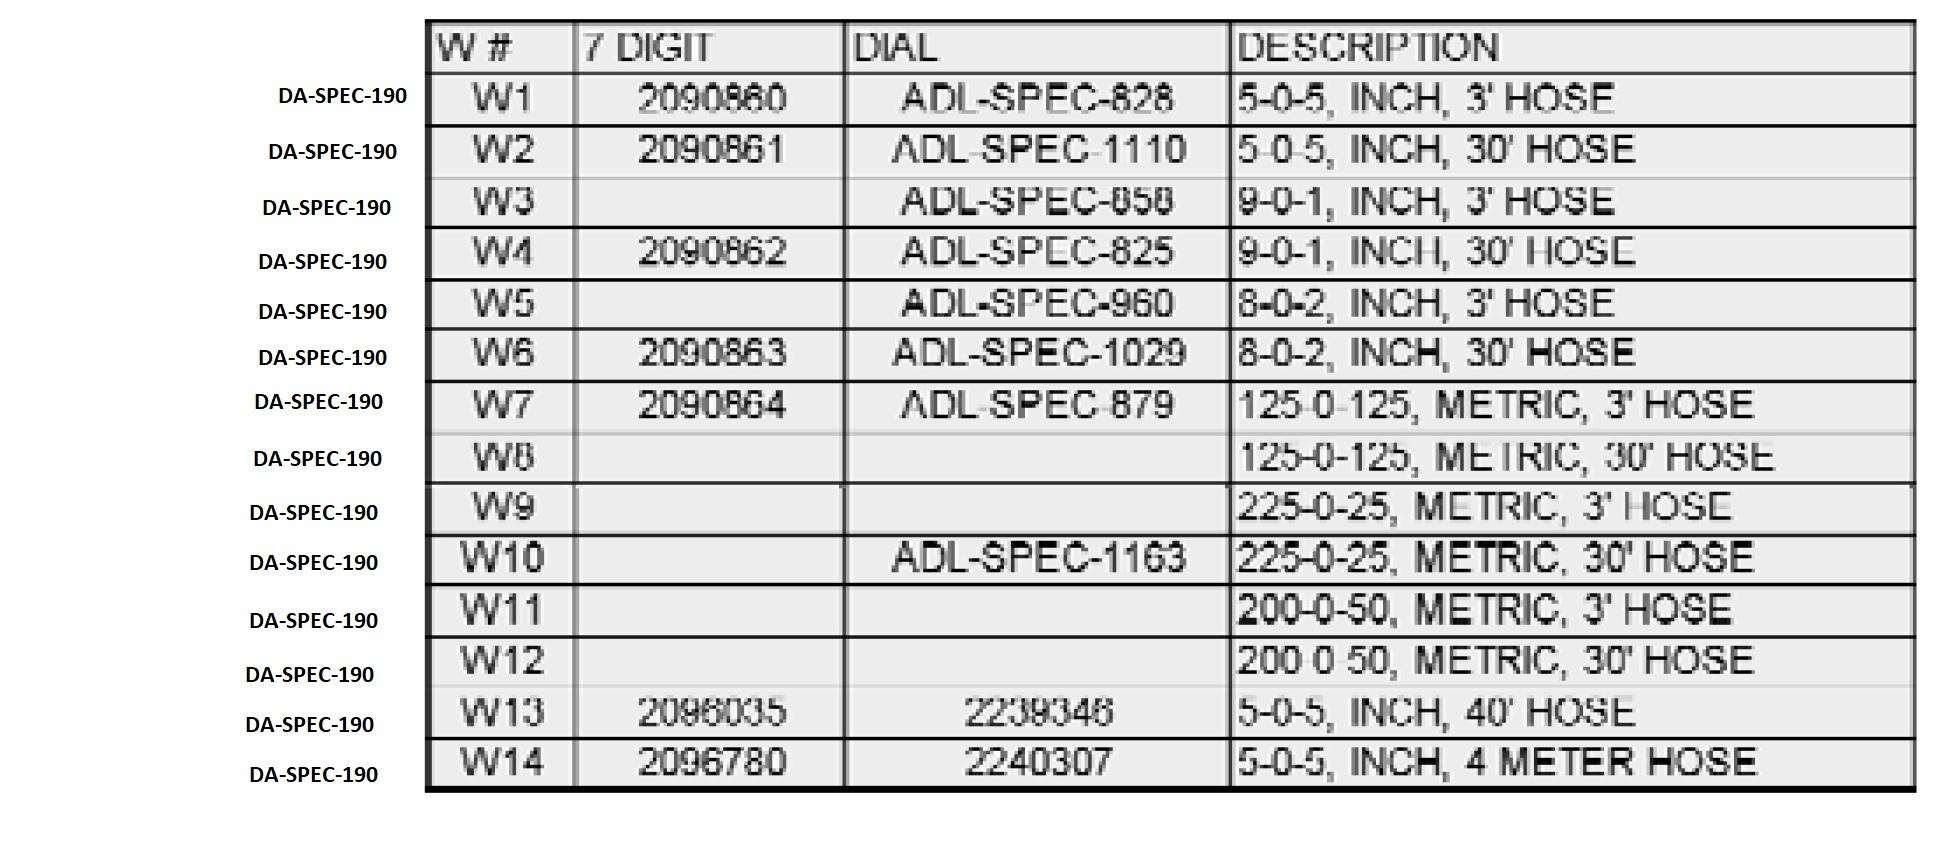 DA-SPEC-190